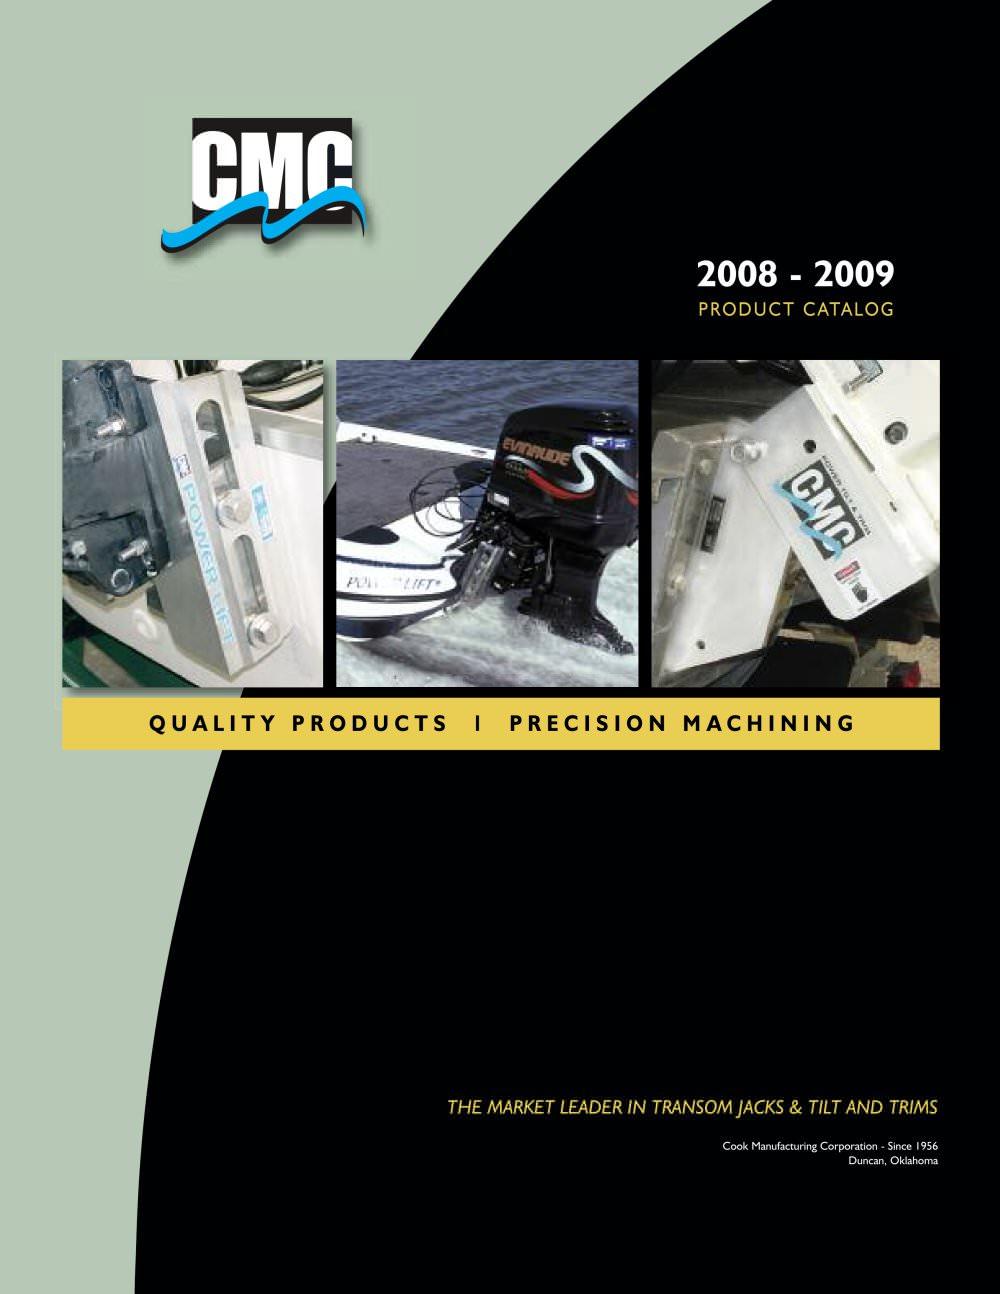 Pl 65 Hs Brochure Cook Manufacturing Corporation Pdf Catalogues Cmc Tilt Trim Wiring Diagram 1 7 Pages